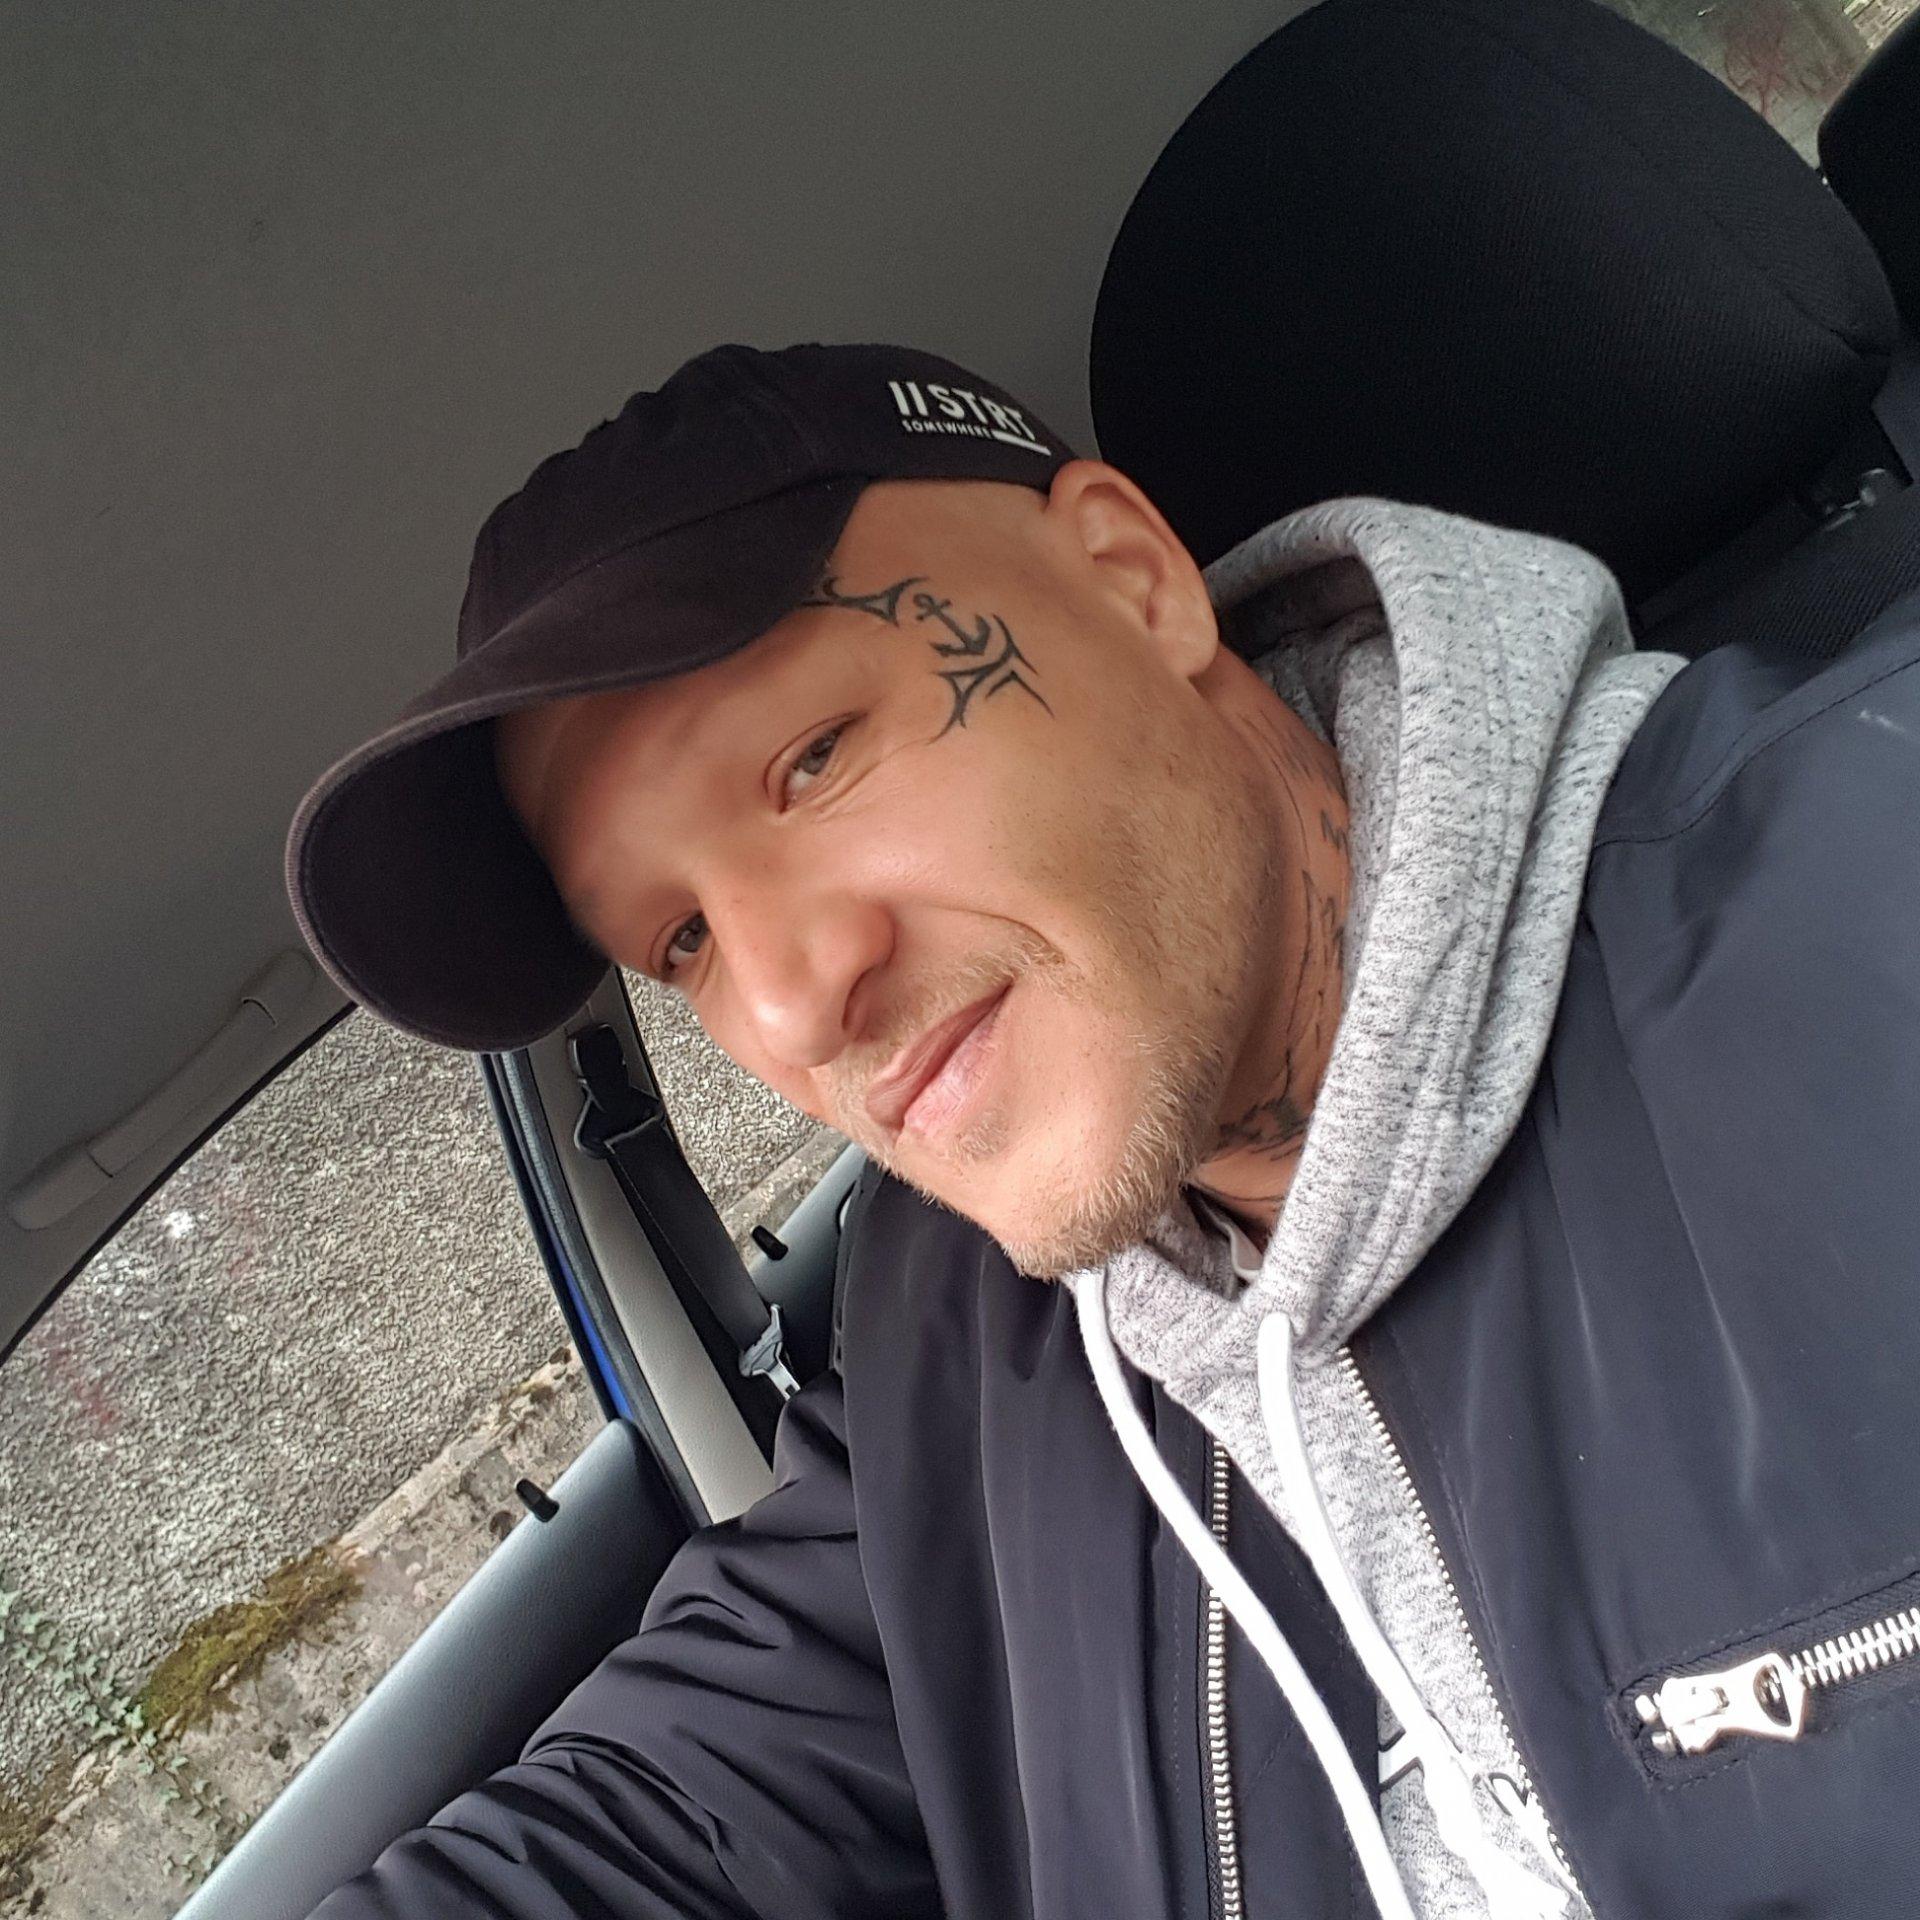 Mike aus Saarland,Deutschland